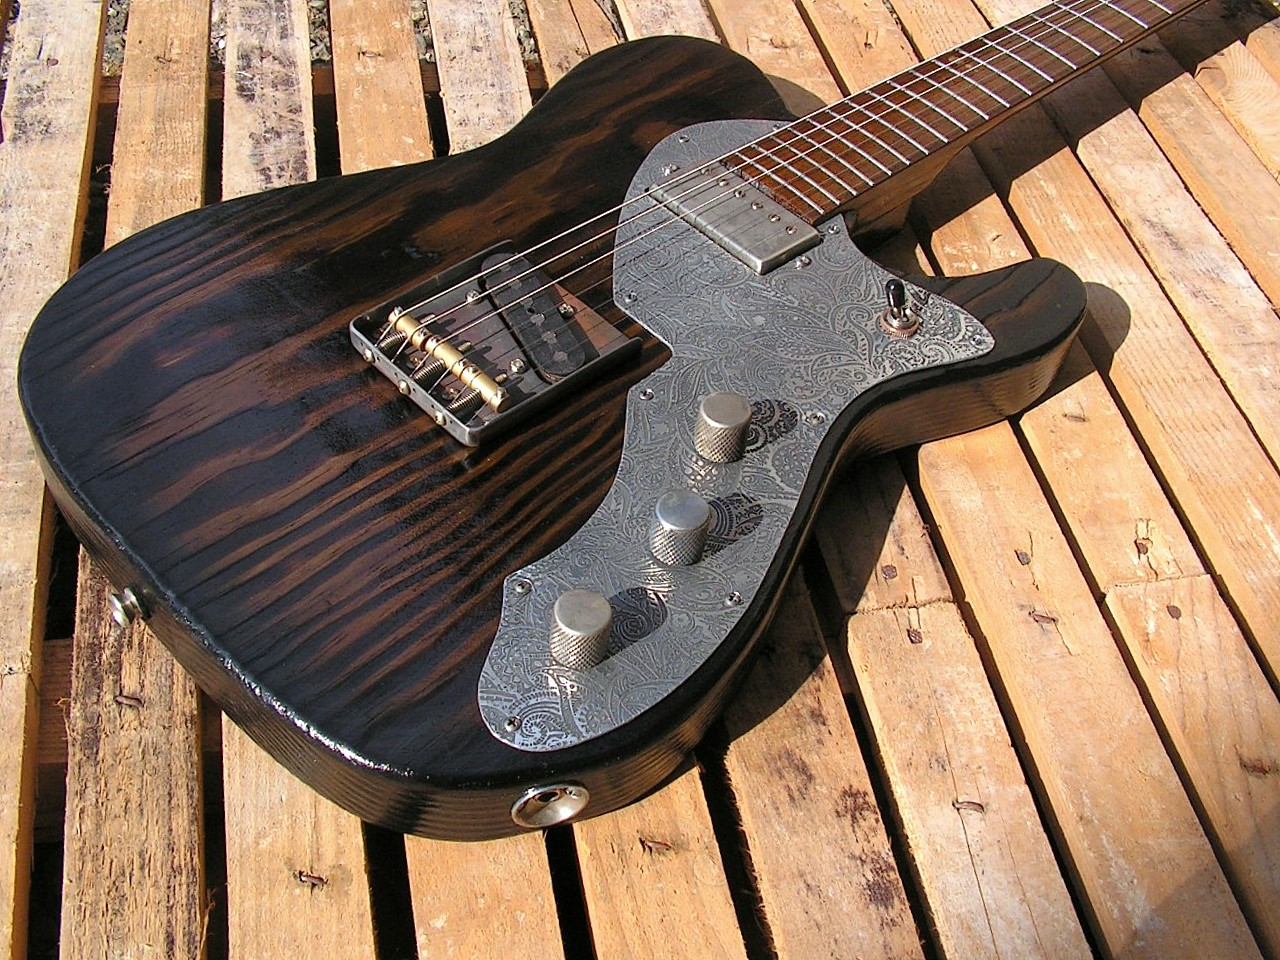 foto di chitarra modello Telecaster in pino con humbucker al manico